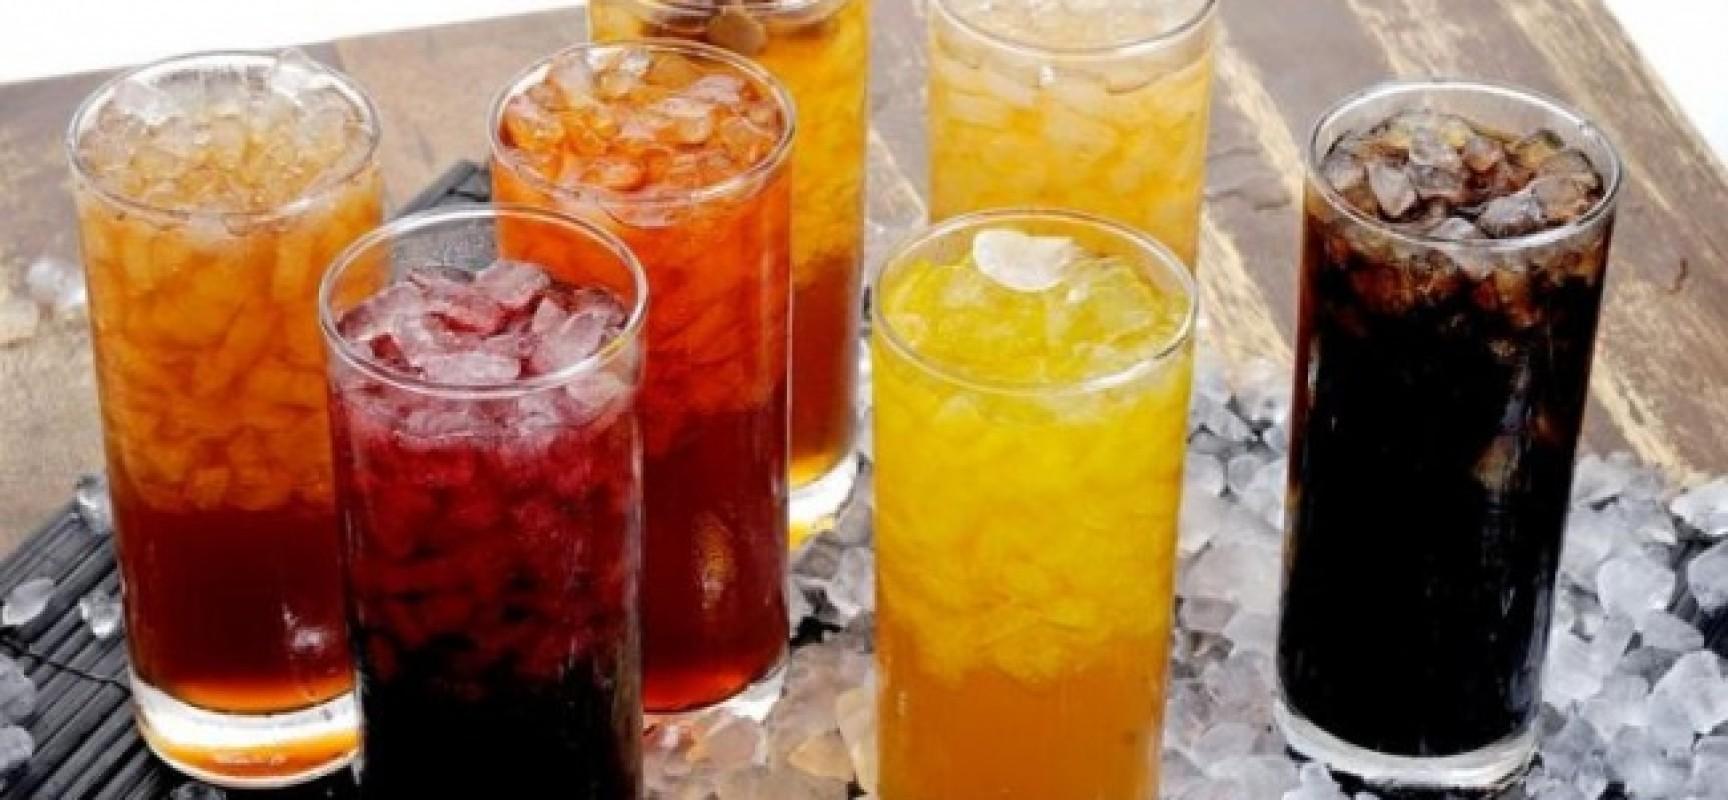 El peligro de las bebidas alcohólicas y de las bebidas para deportistas